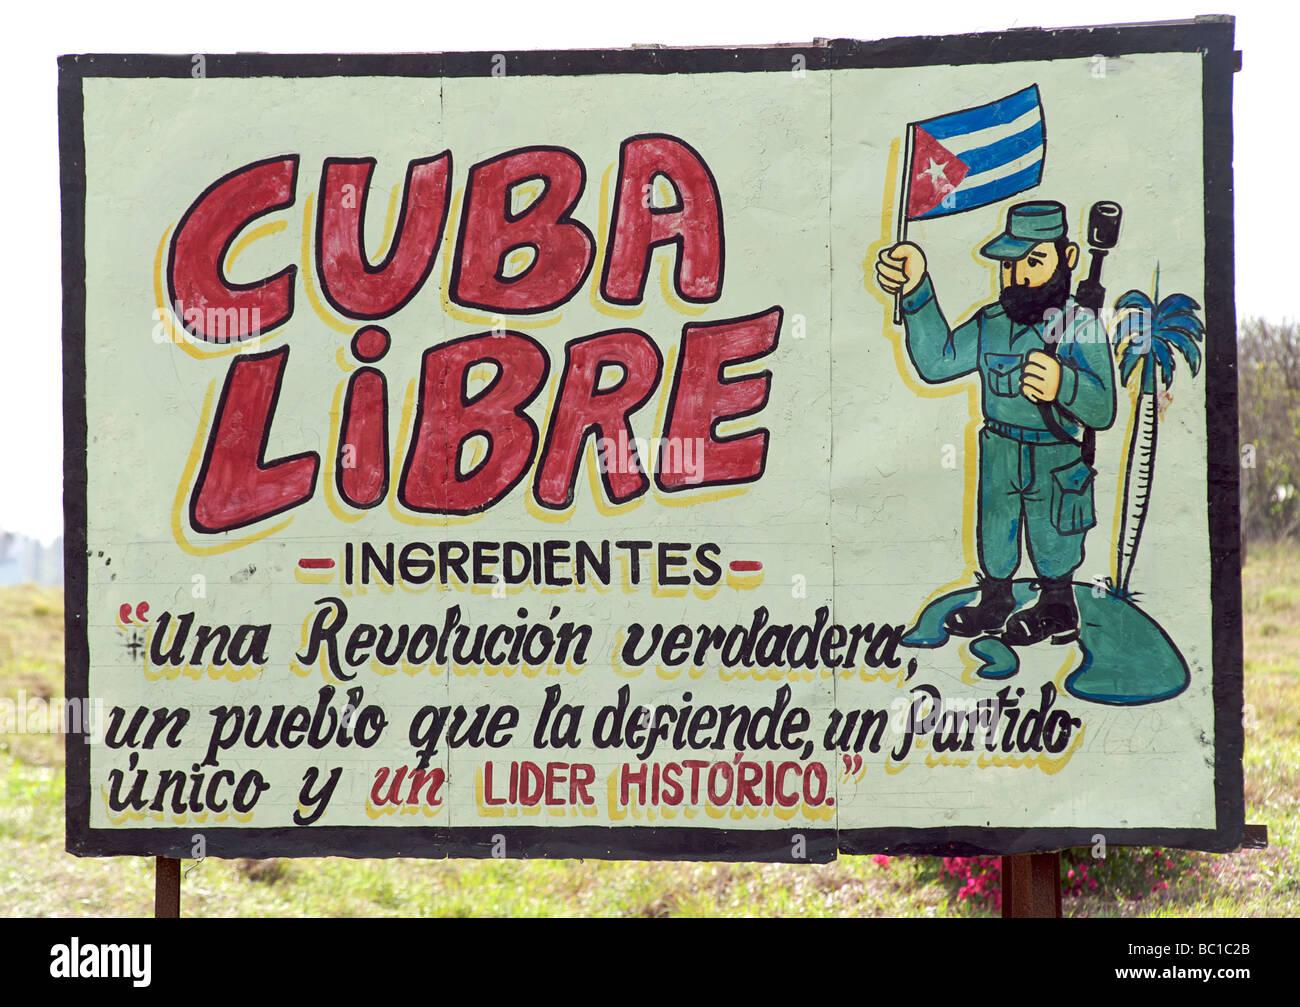 Beeindruckend Zutaten Cuba Libre Dekoration Von Kubanische Revolution Sozialistischen Billboard Zeichnen Eine Analogie